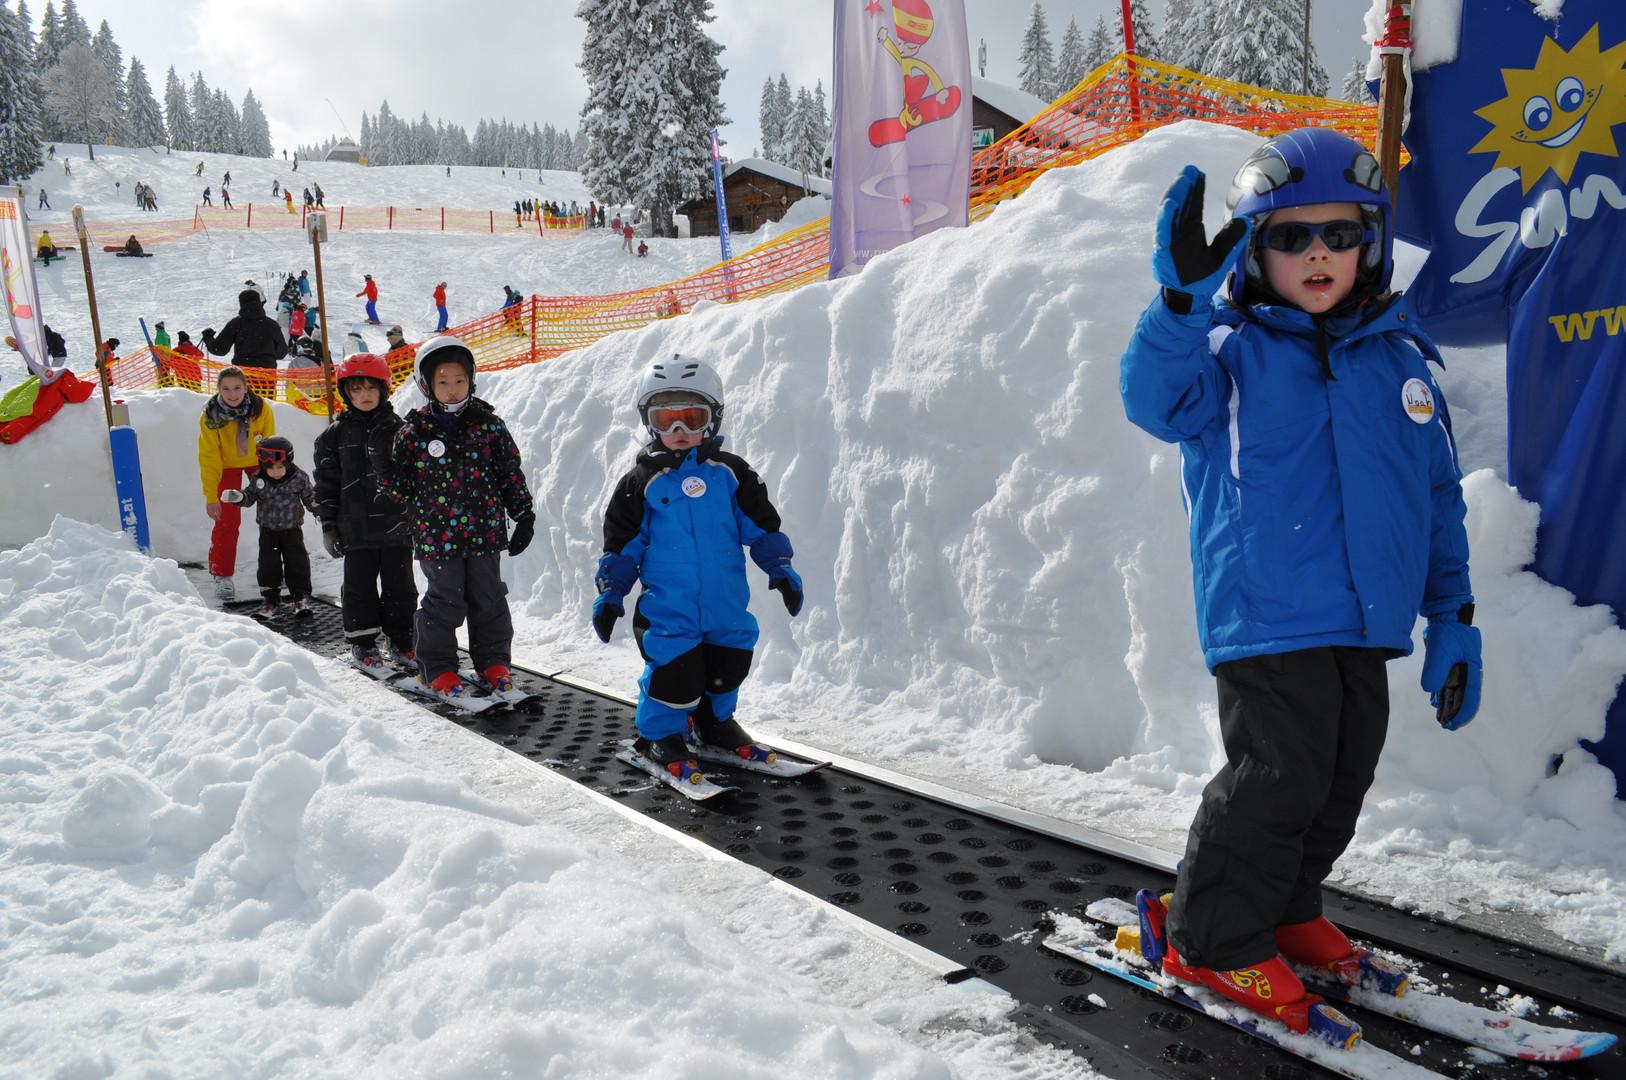 skischule_onsnow_feldberg__DSC_0143.JPG